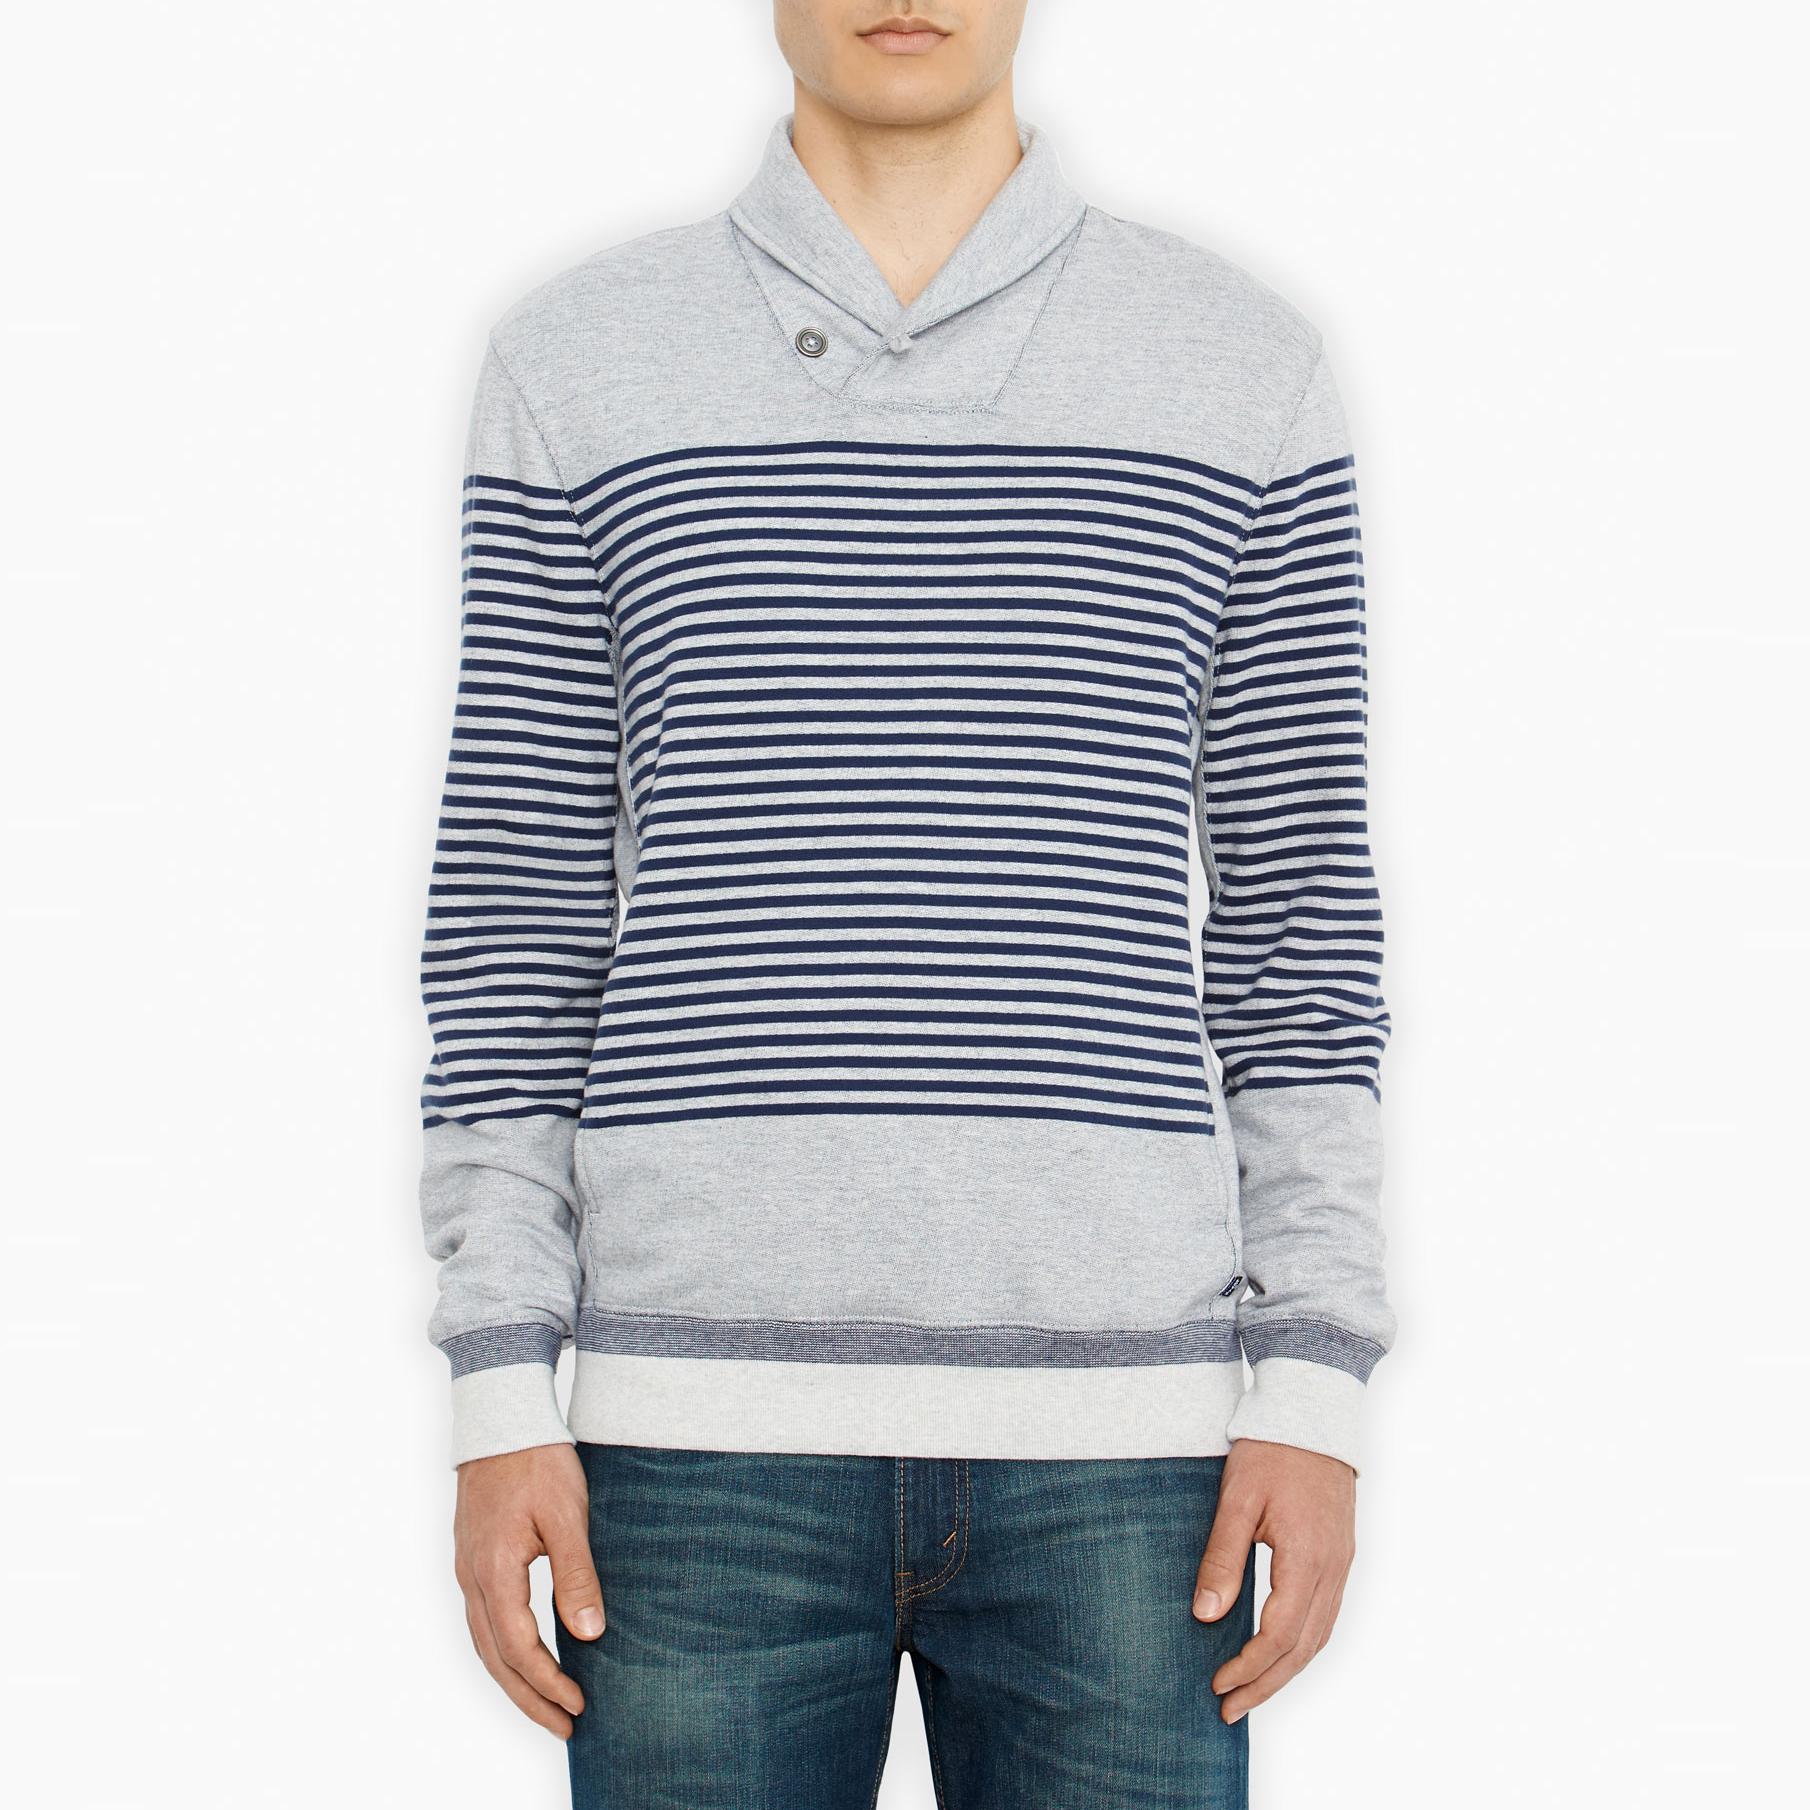 美國百分百【全新真品】Levis T恤 連帽 帽T 外套 長袖 深藍 灰色 條紋 男衣 S M號 E274